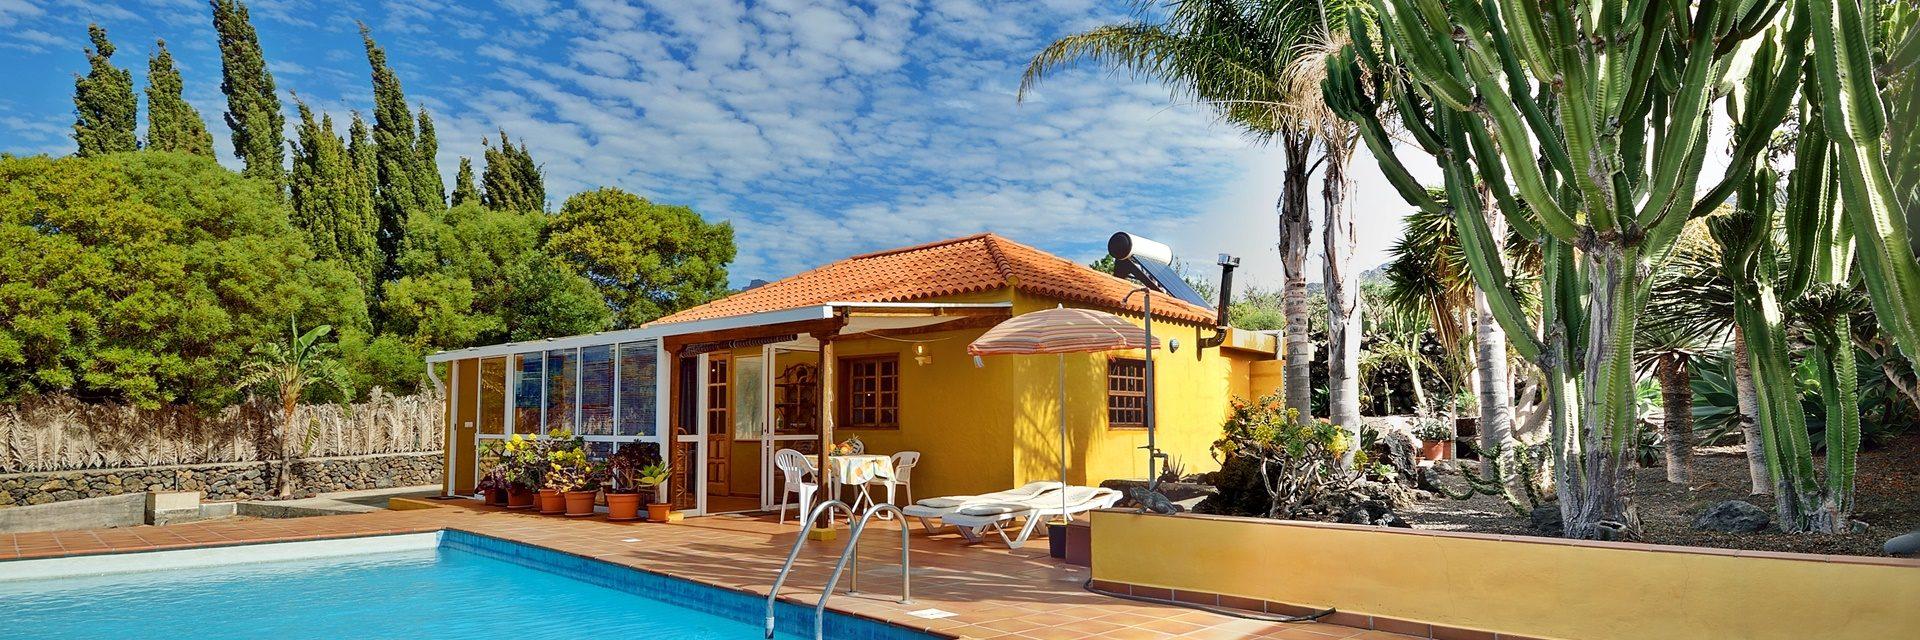 Vakantiehuis Casa Chica - La Palma - Canarische Eilanden